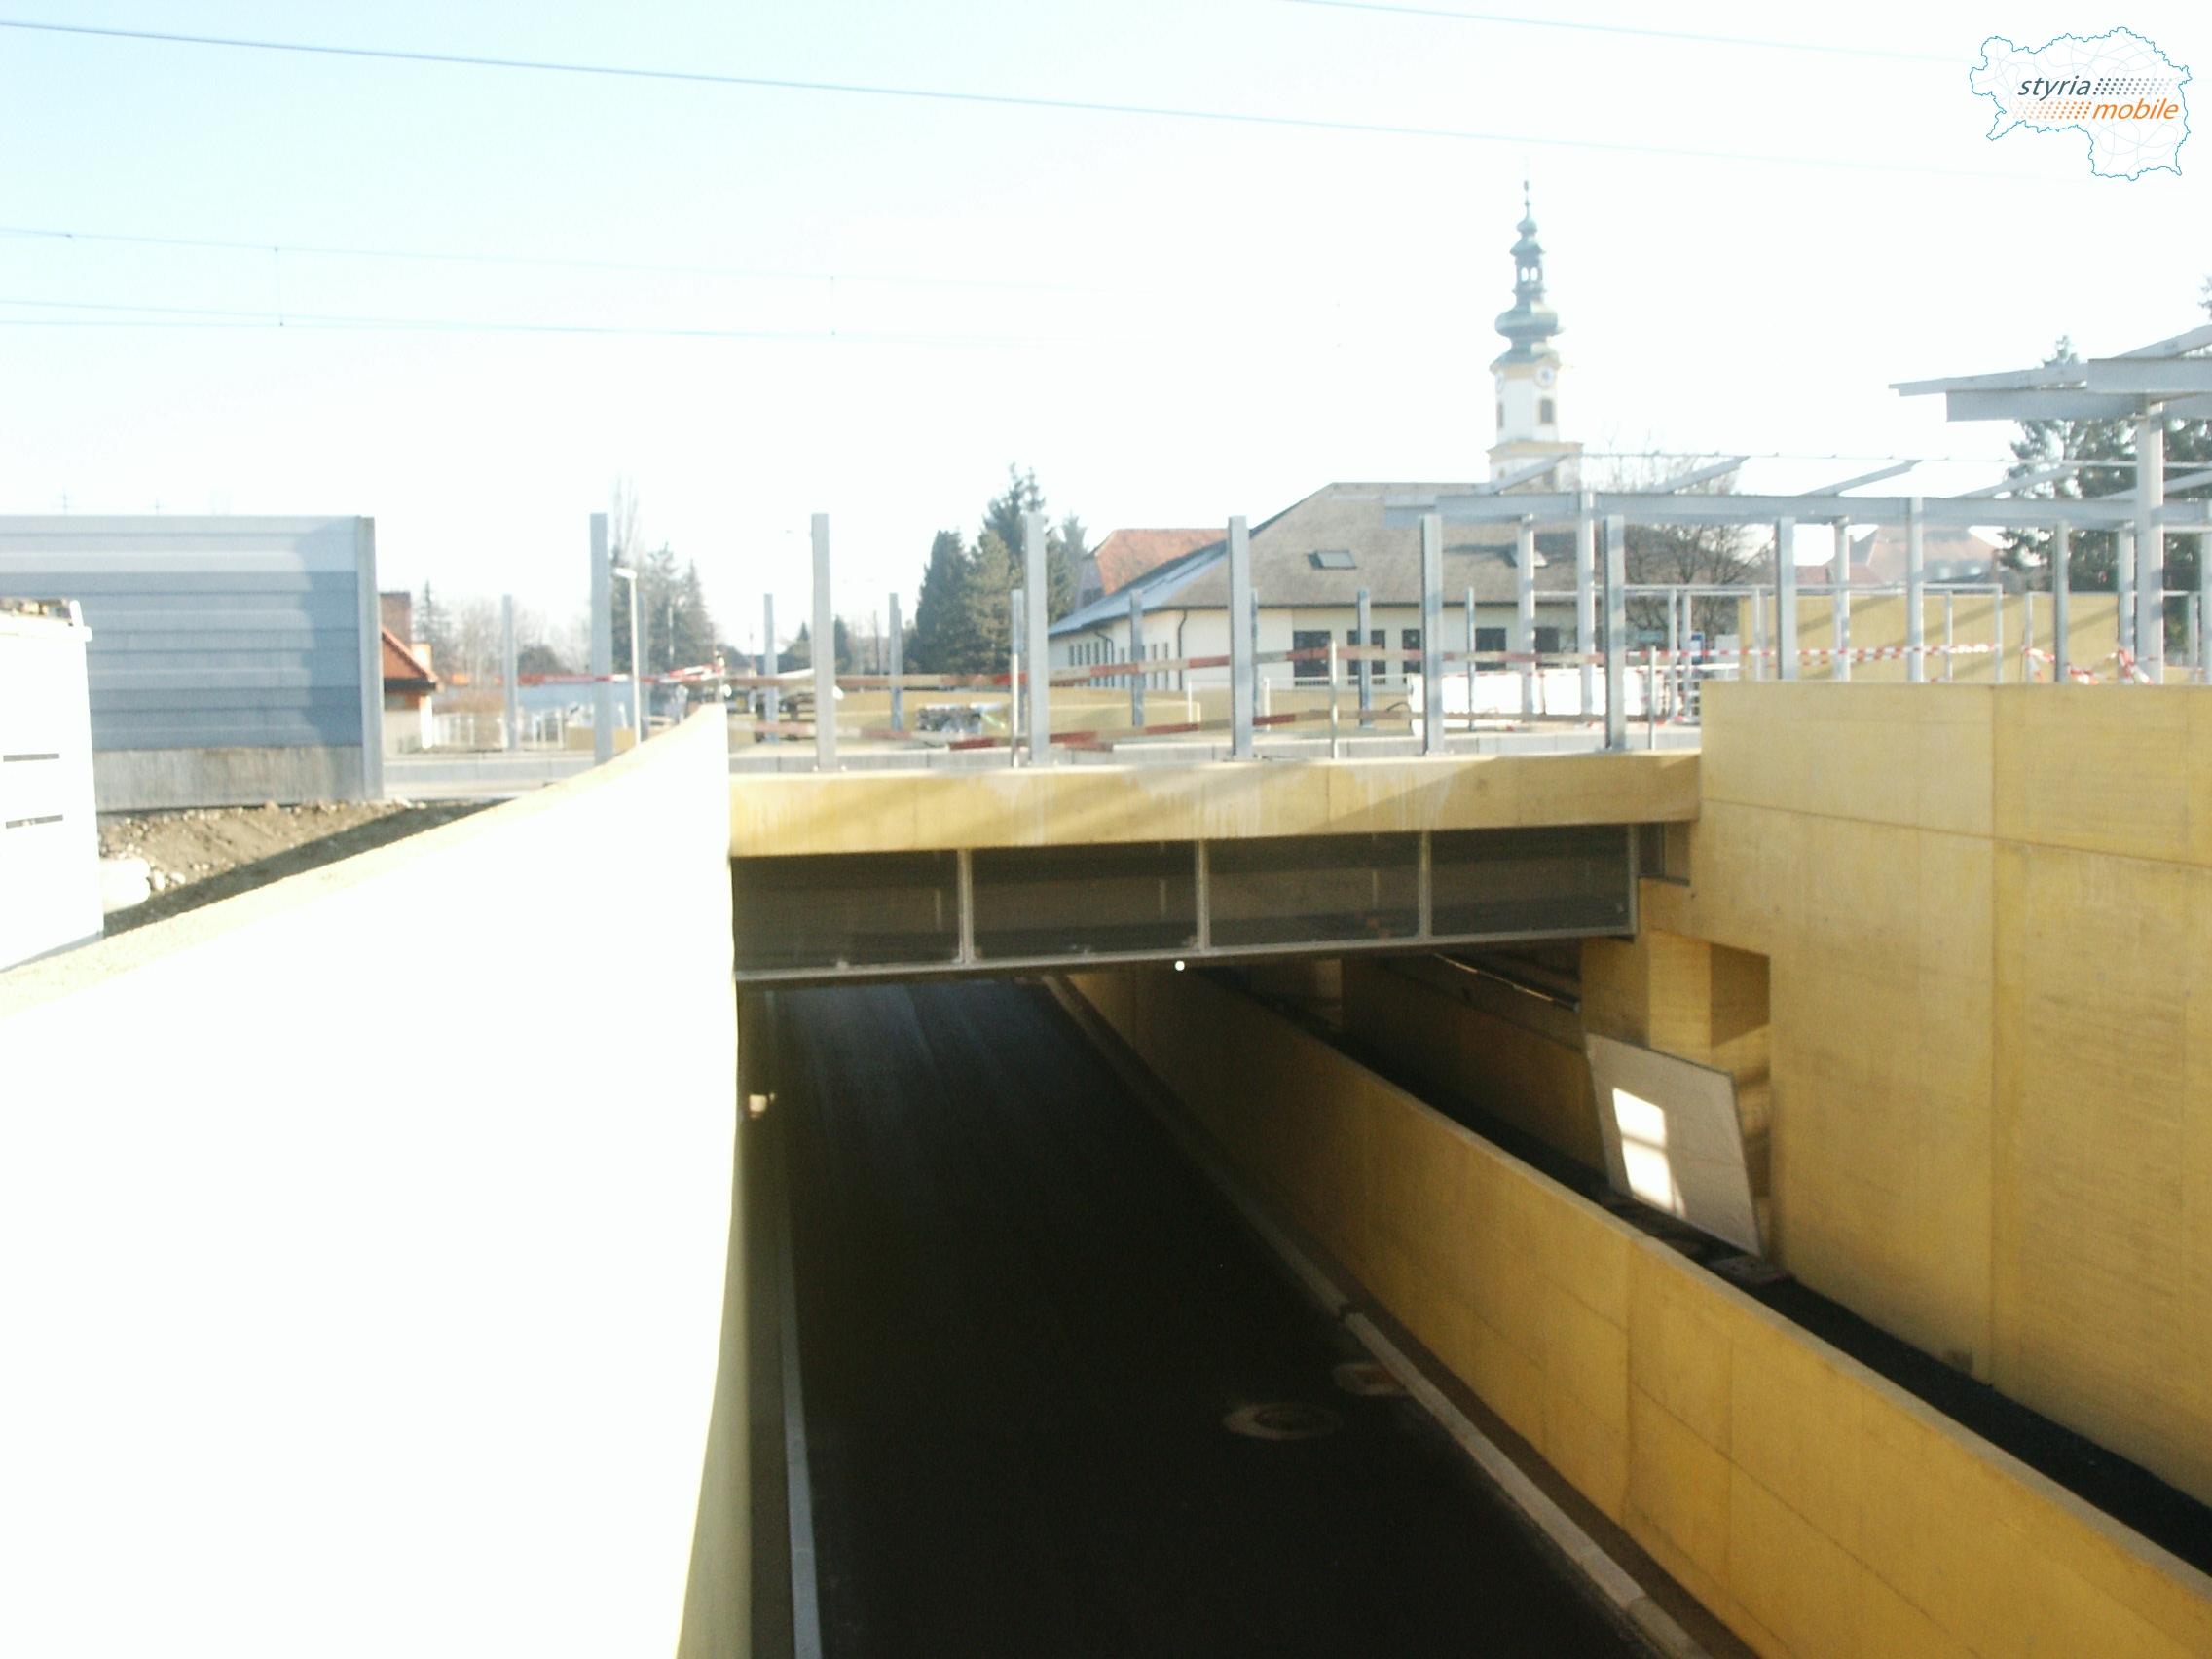 Unterführung-Feldkirchen-2